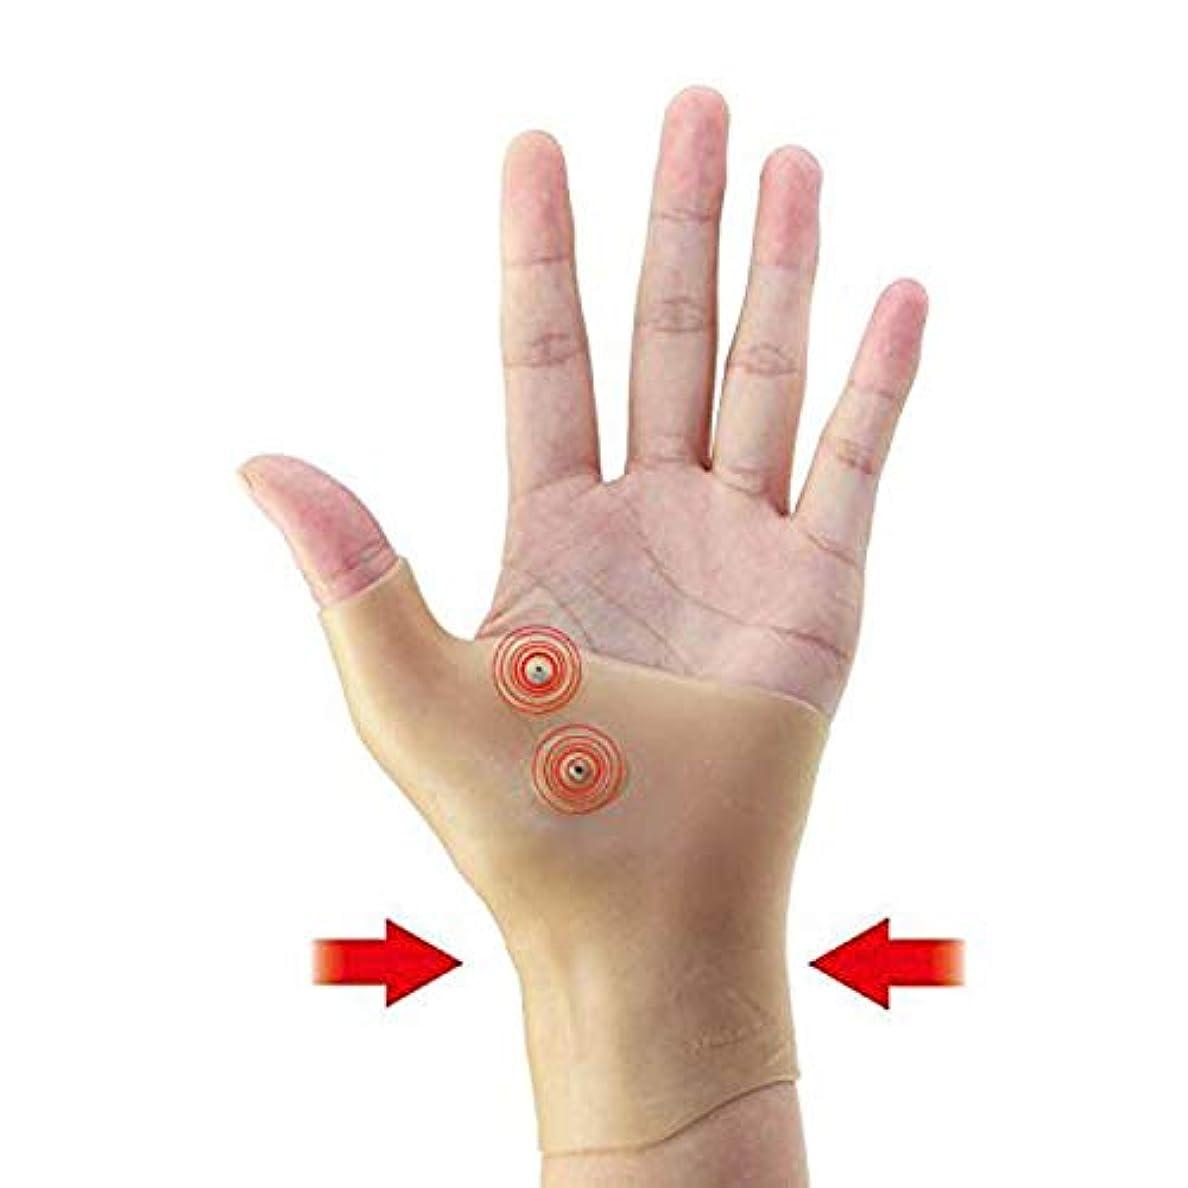 フィクション同化同行磁気 圧縮手袋 - Delaman 指なし 手袋、健康手袋、圧着効果、疲労減少、健康関節、磁気療法、手首サポーター、ユニセックス